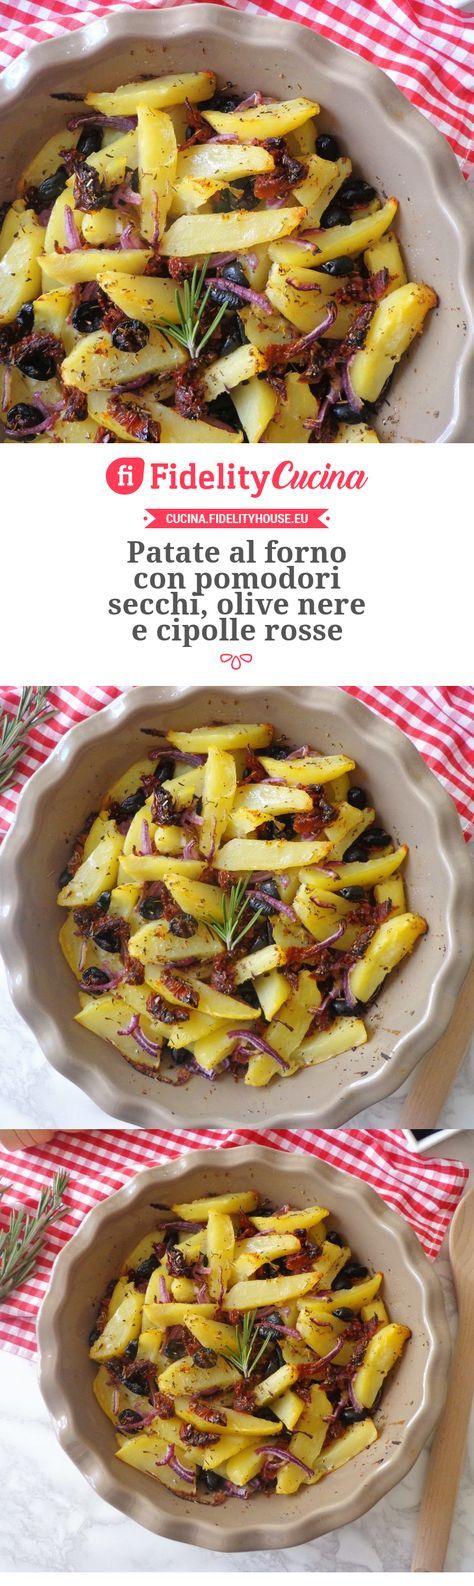 6a14eee835c43aae89bd739cd633380c - Ricette Con Pomodori Secchi